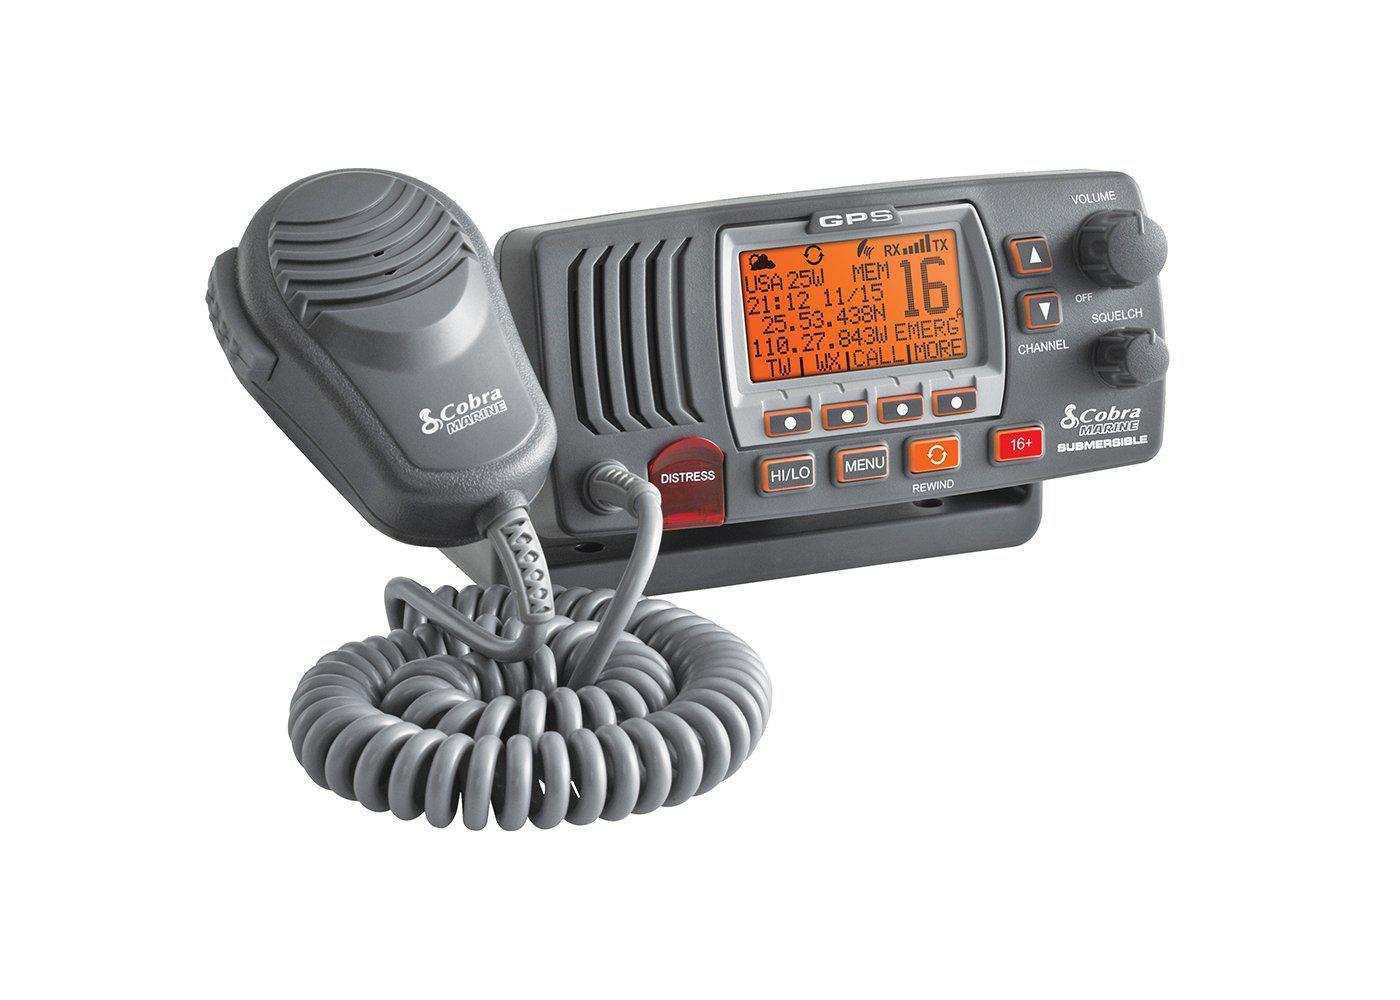 MRF77BGPS - Cobra® Class D 25 Watt Submersible VHF Marine Radio